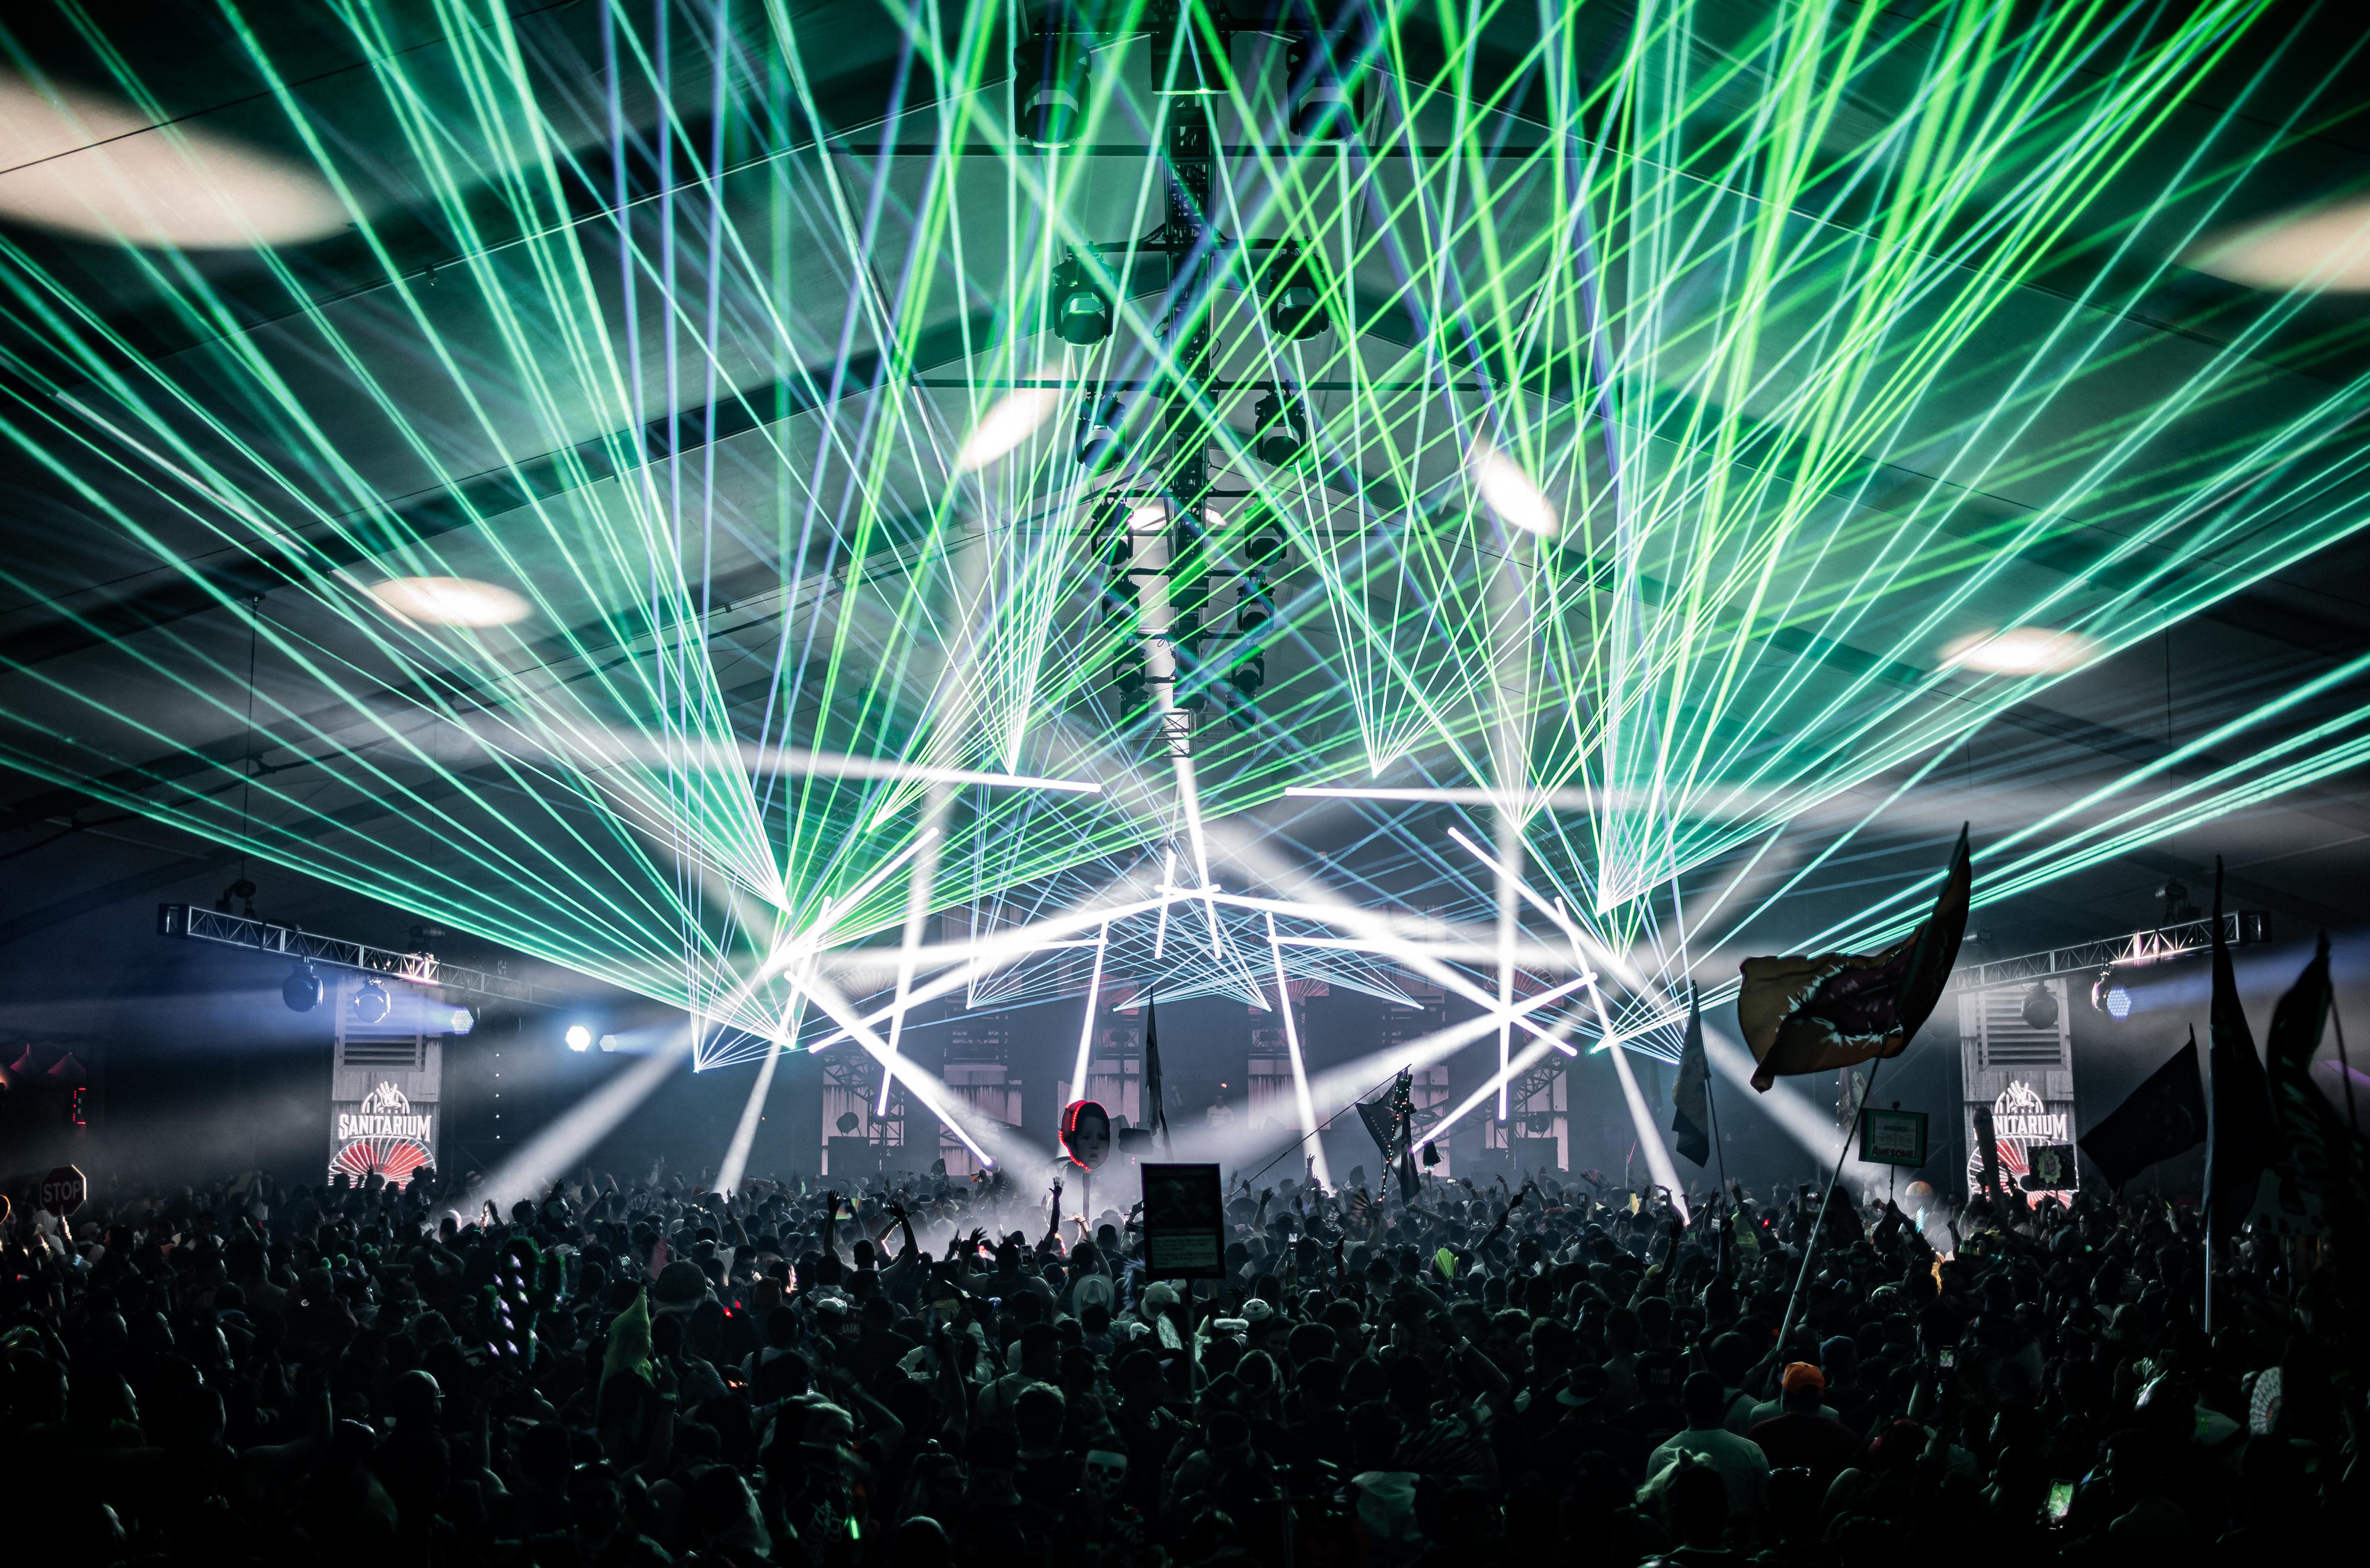 fase generica dei laser